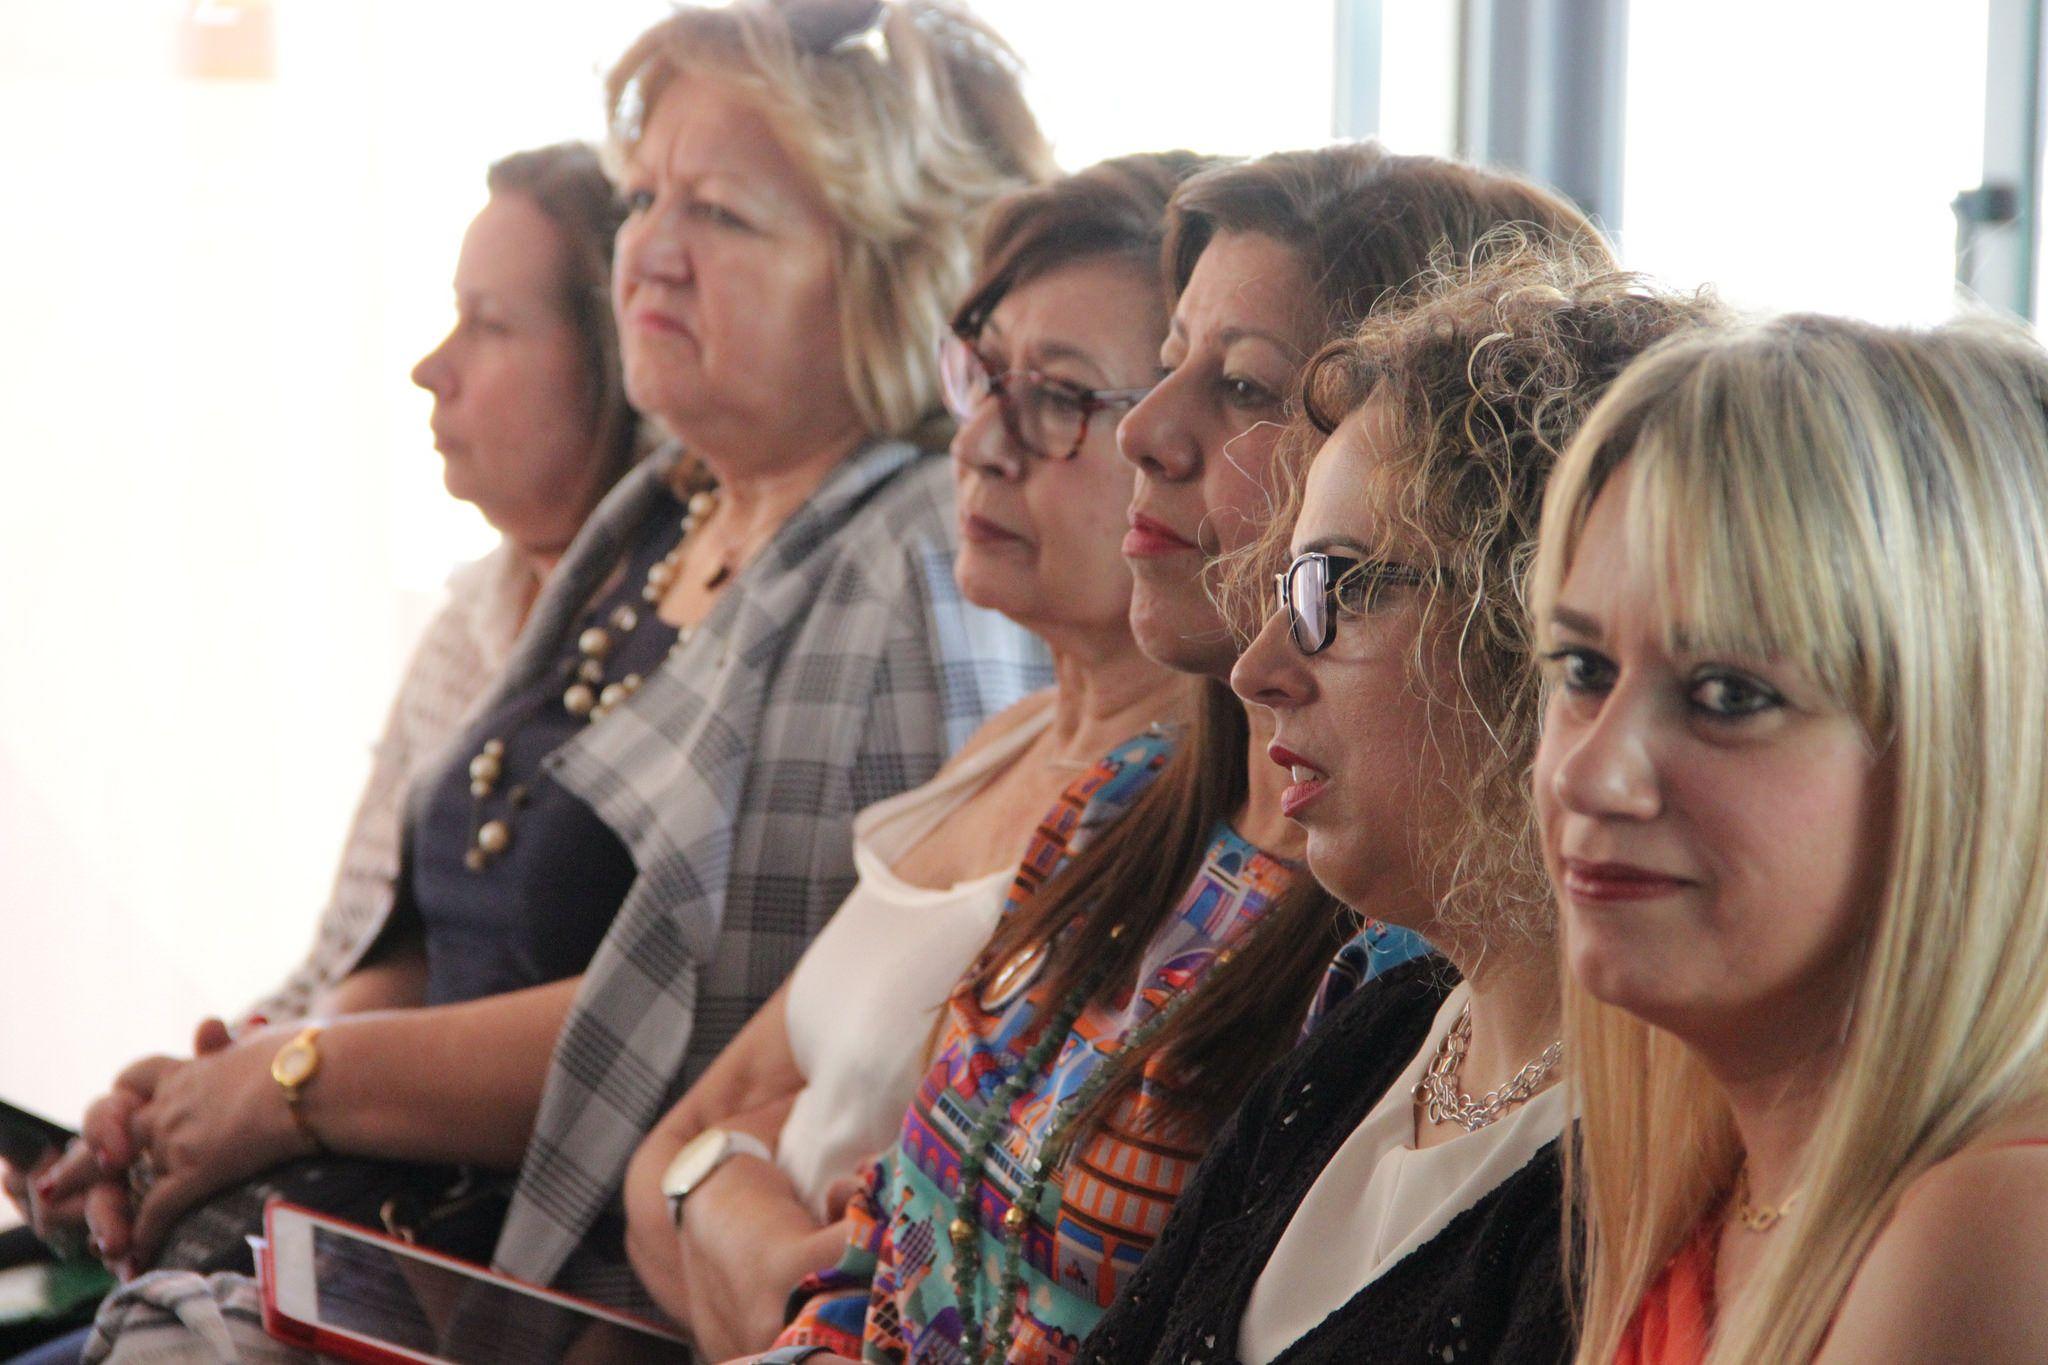 https://flic.kr/p/HmjJj9 | Teresa Leal Coelho no II Encontro Nacional das MSD | A Vice-Presidente do PSD no segundo encontro nacional das Mulheres Social-Democratas. Ovar, 18 junho 2016.